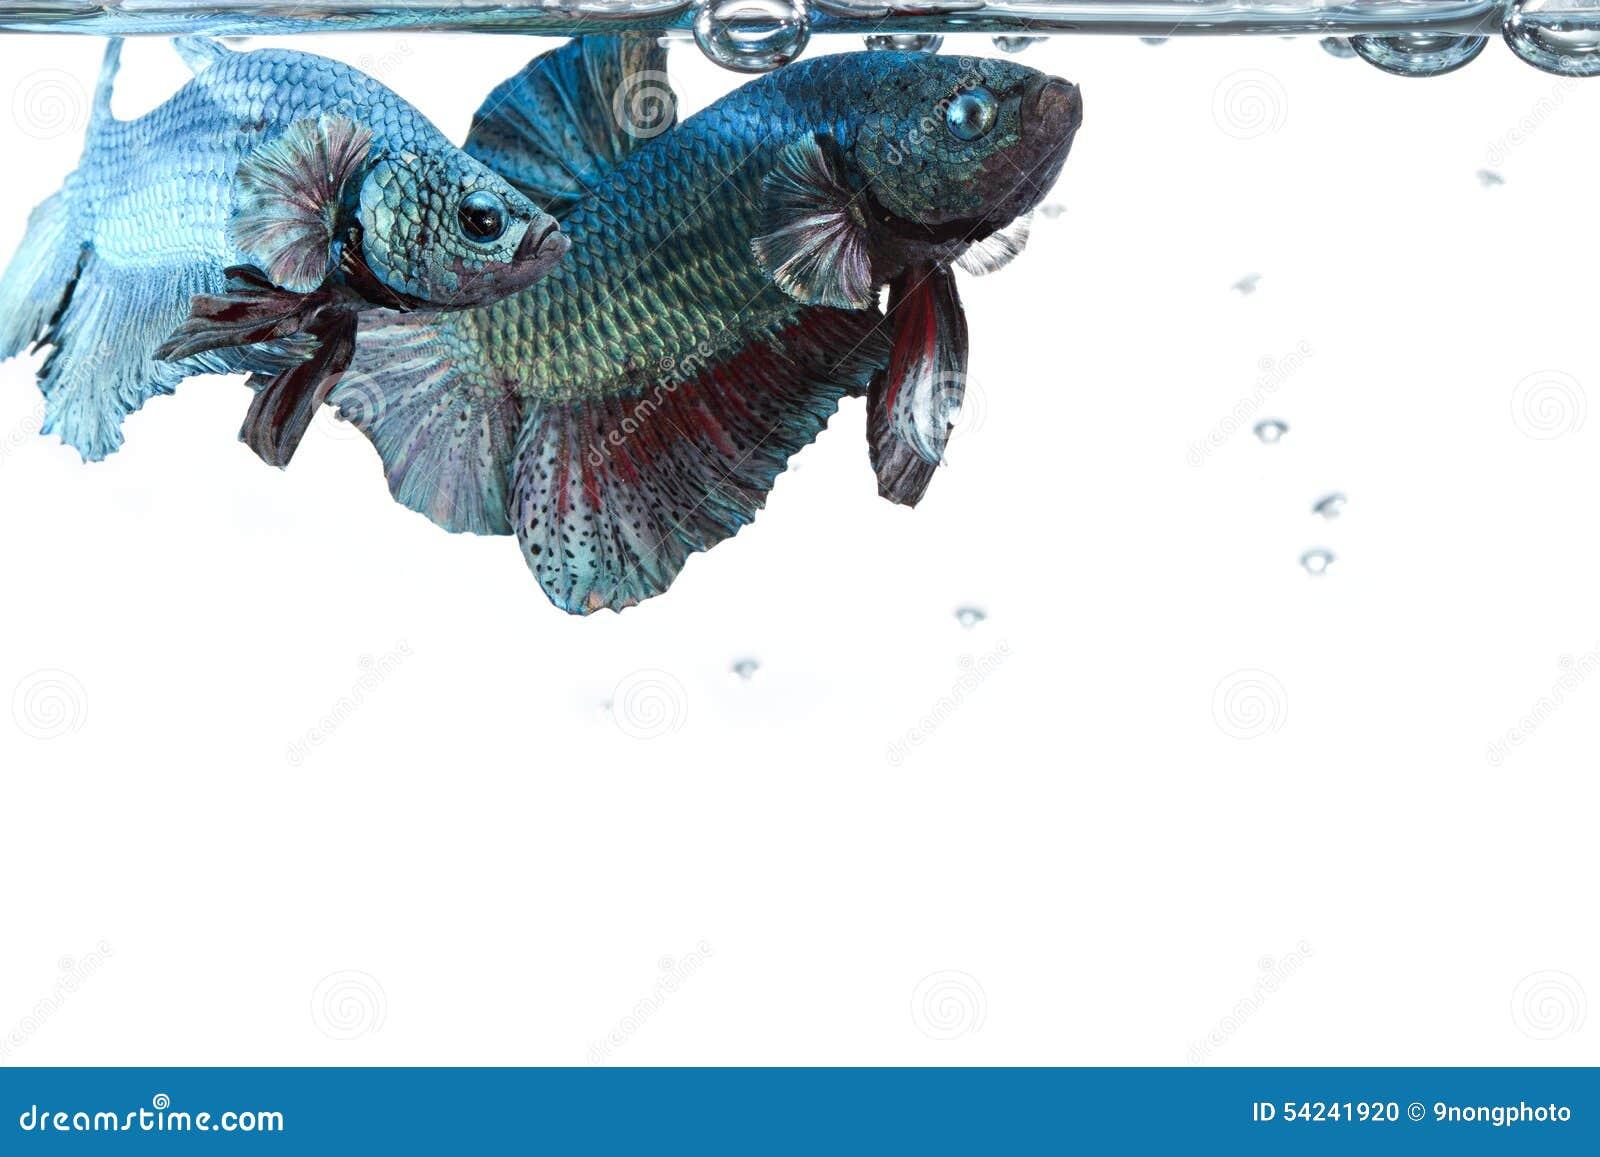 Artistiek paar betta het vechten vissen, met waterspiegelgrens